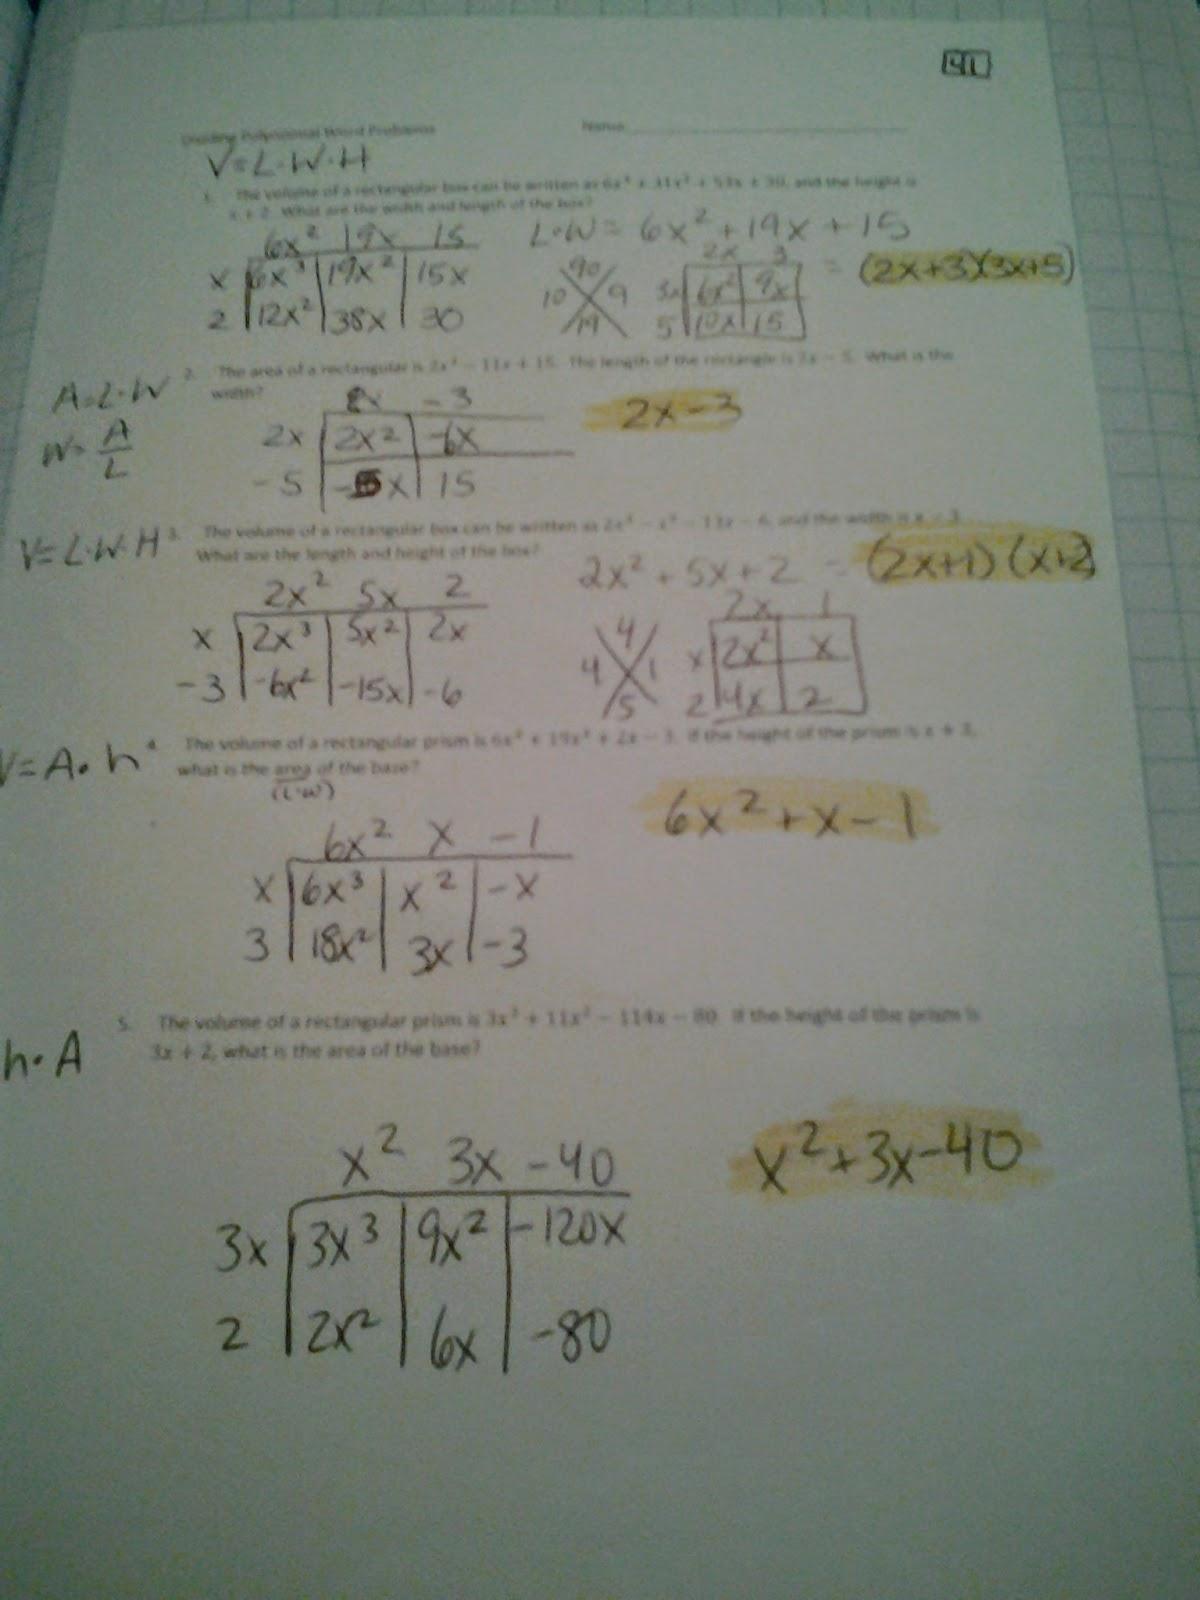 Dividing Polynomials Worksheet Kuta